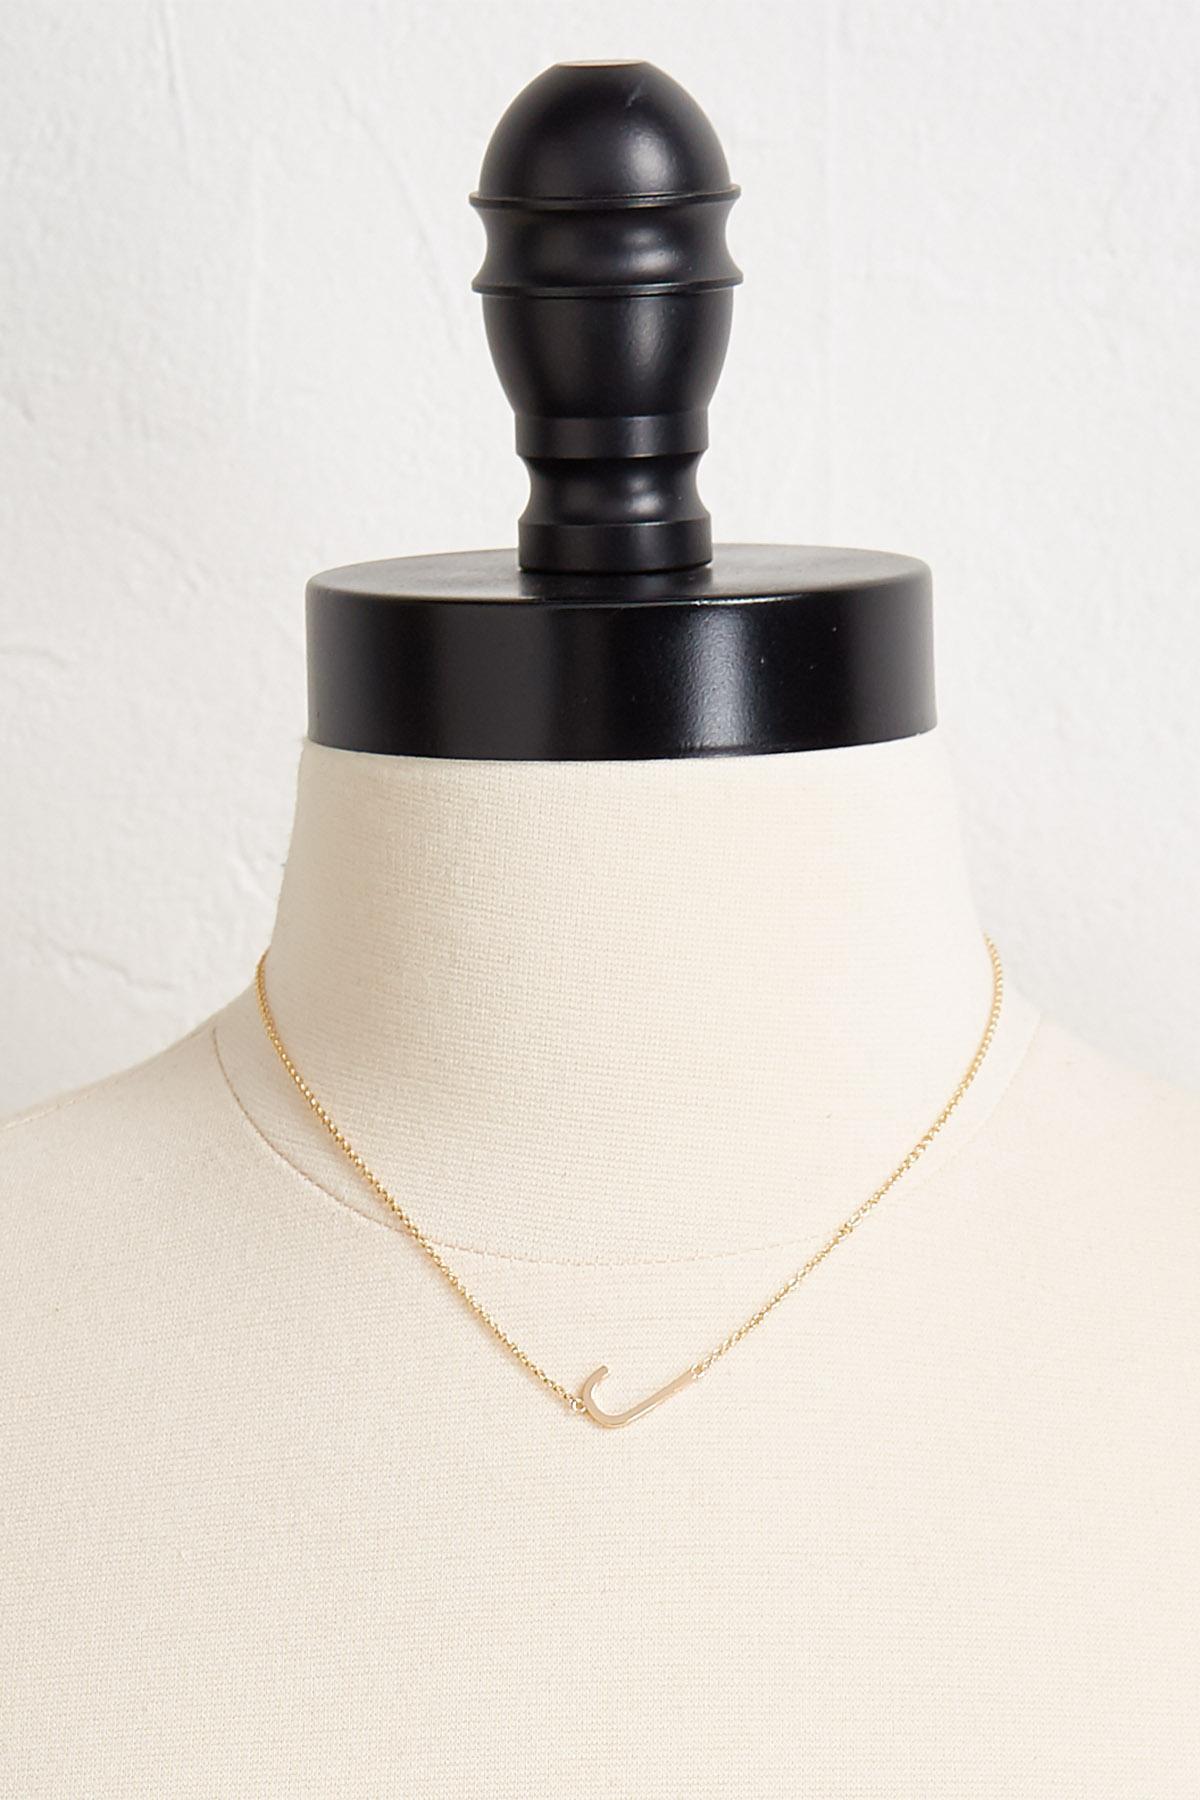 J Initial Pendant Necklace